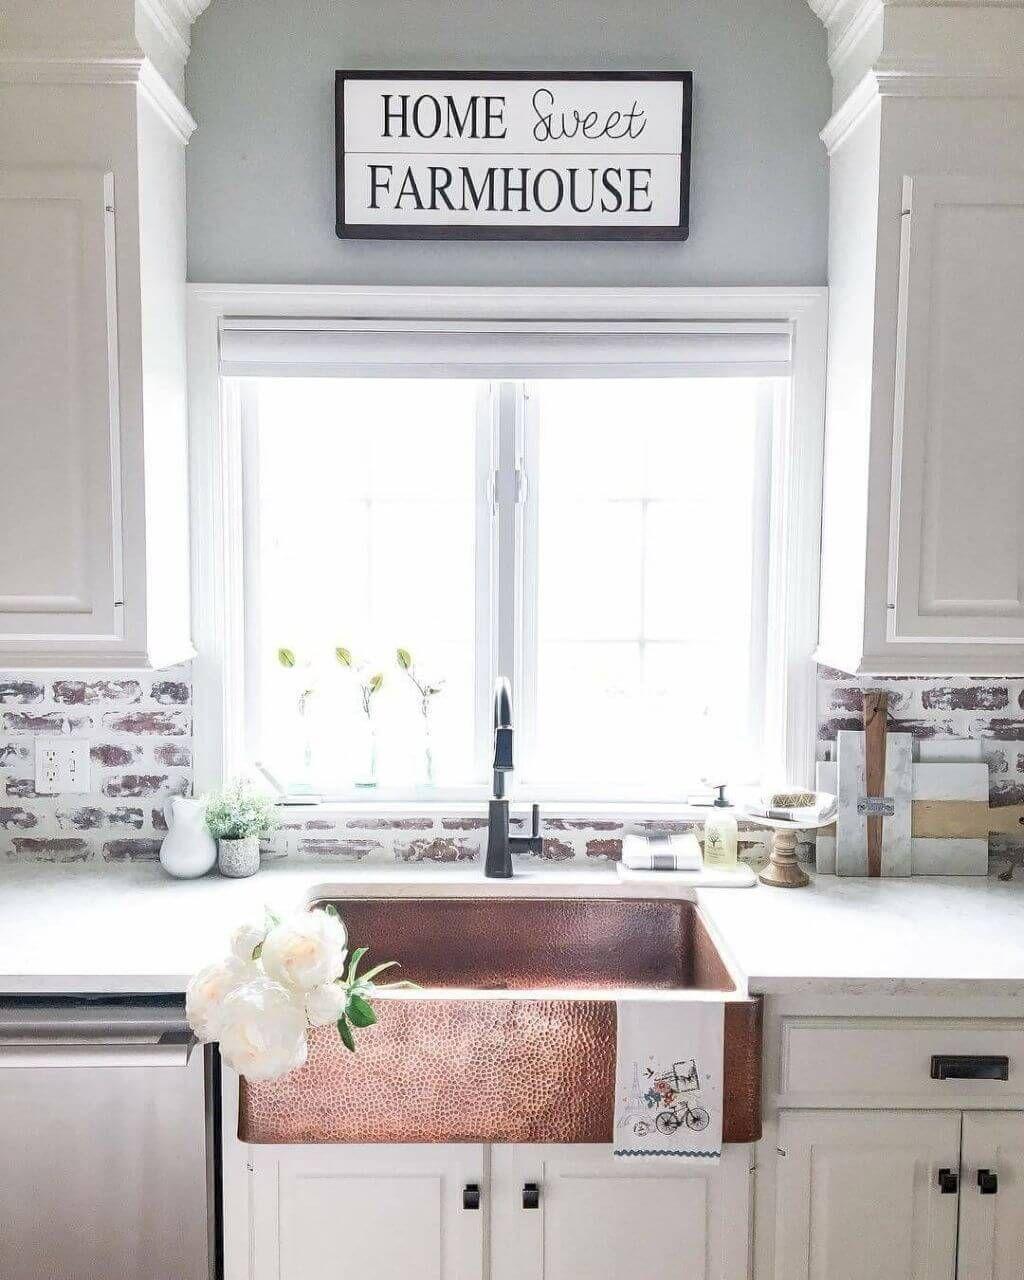 8 Unique Farmhouse Kitchen Backsplash Ideas That Will Set Your Kitchen Apart Farmhouse Kitchen Backsplash Farmhouse Sink Kitchen Rustic Kitchen Sinks